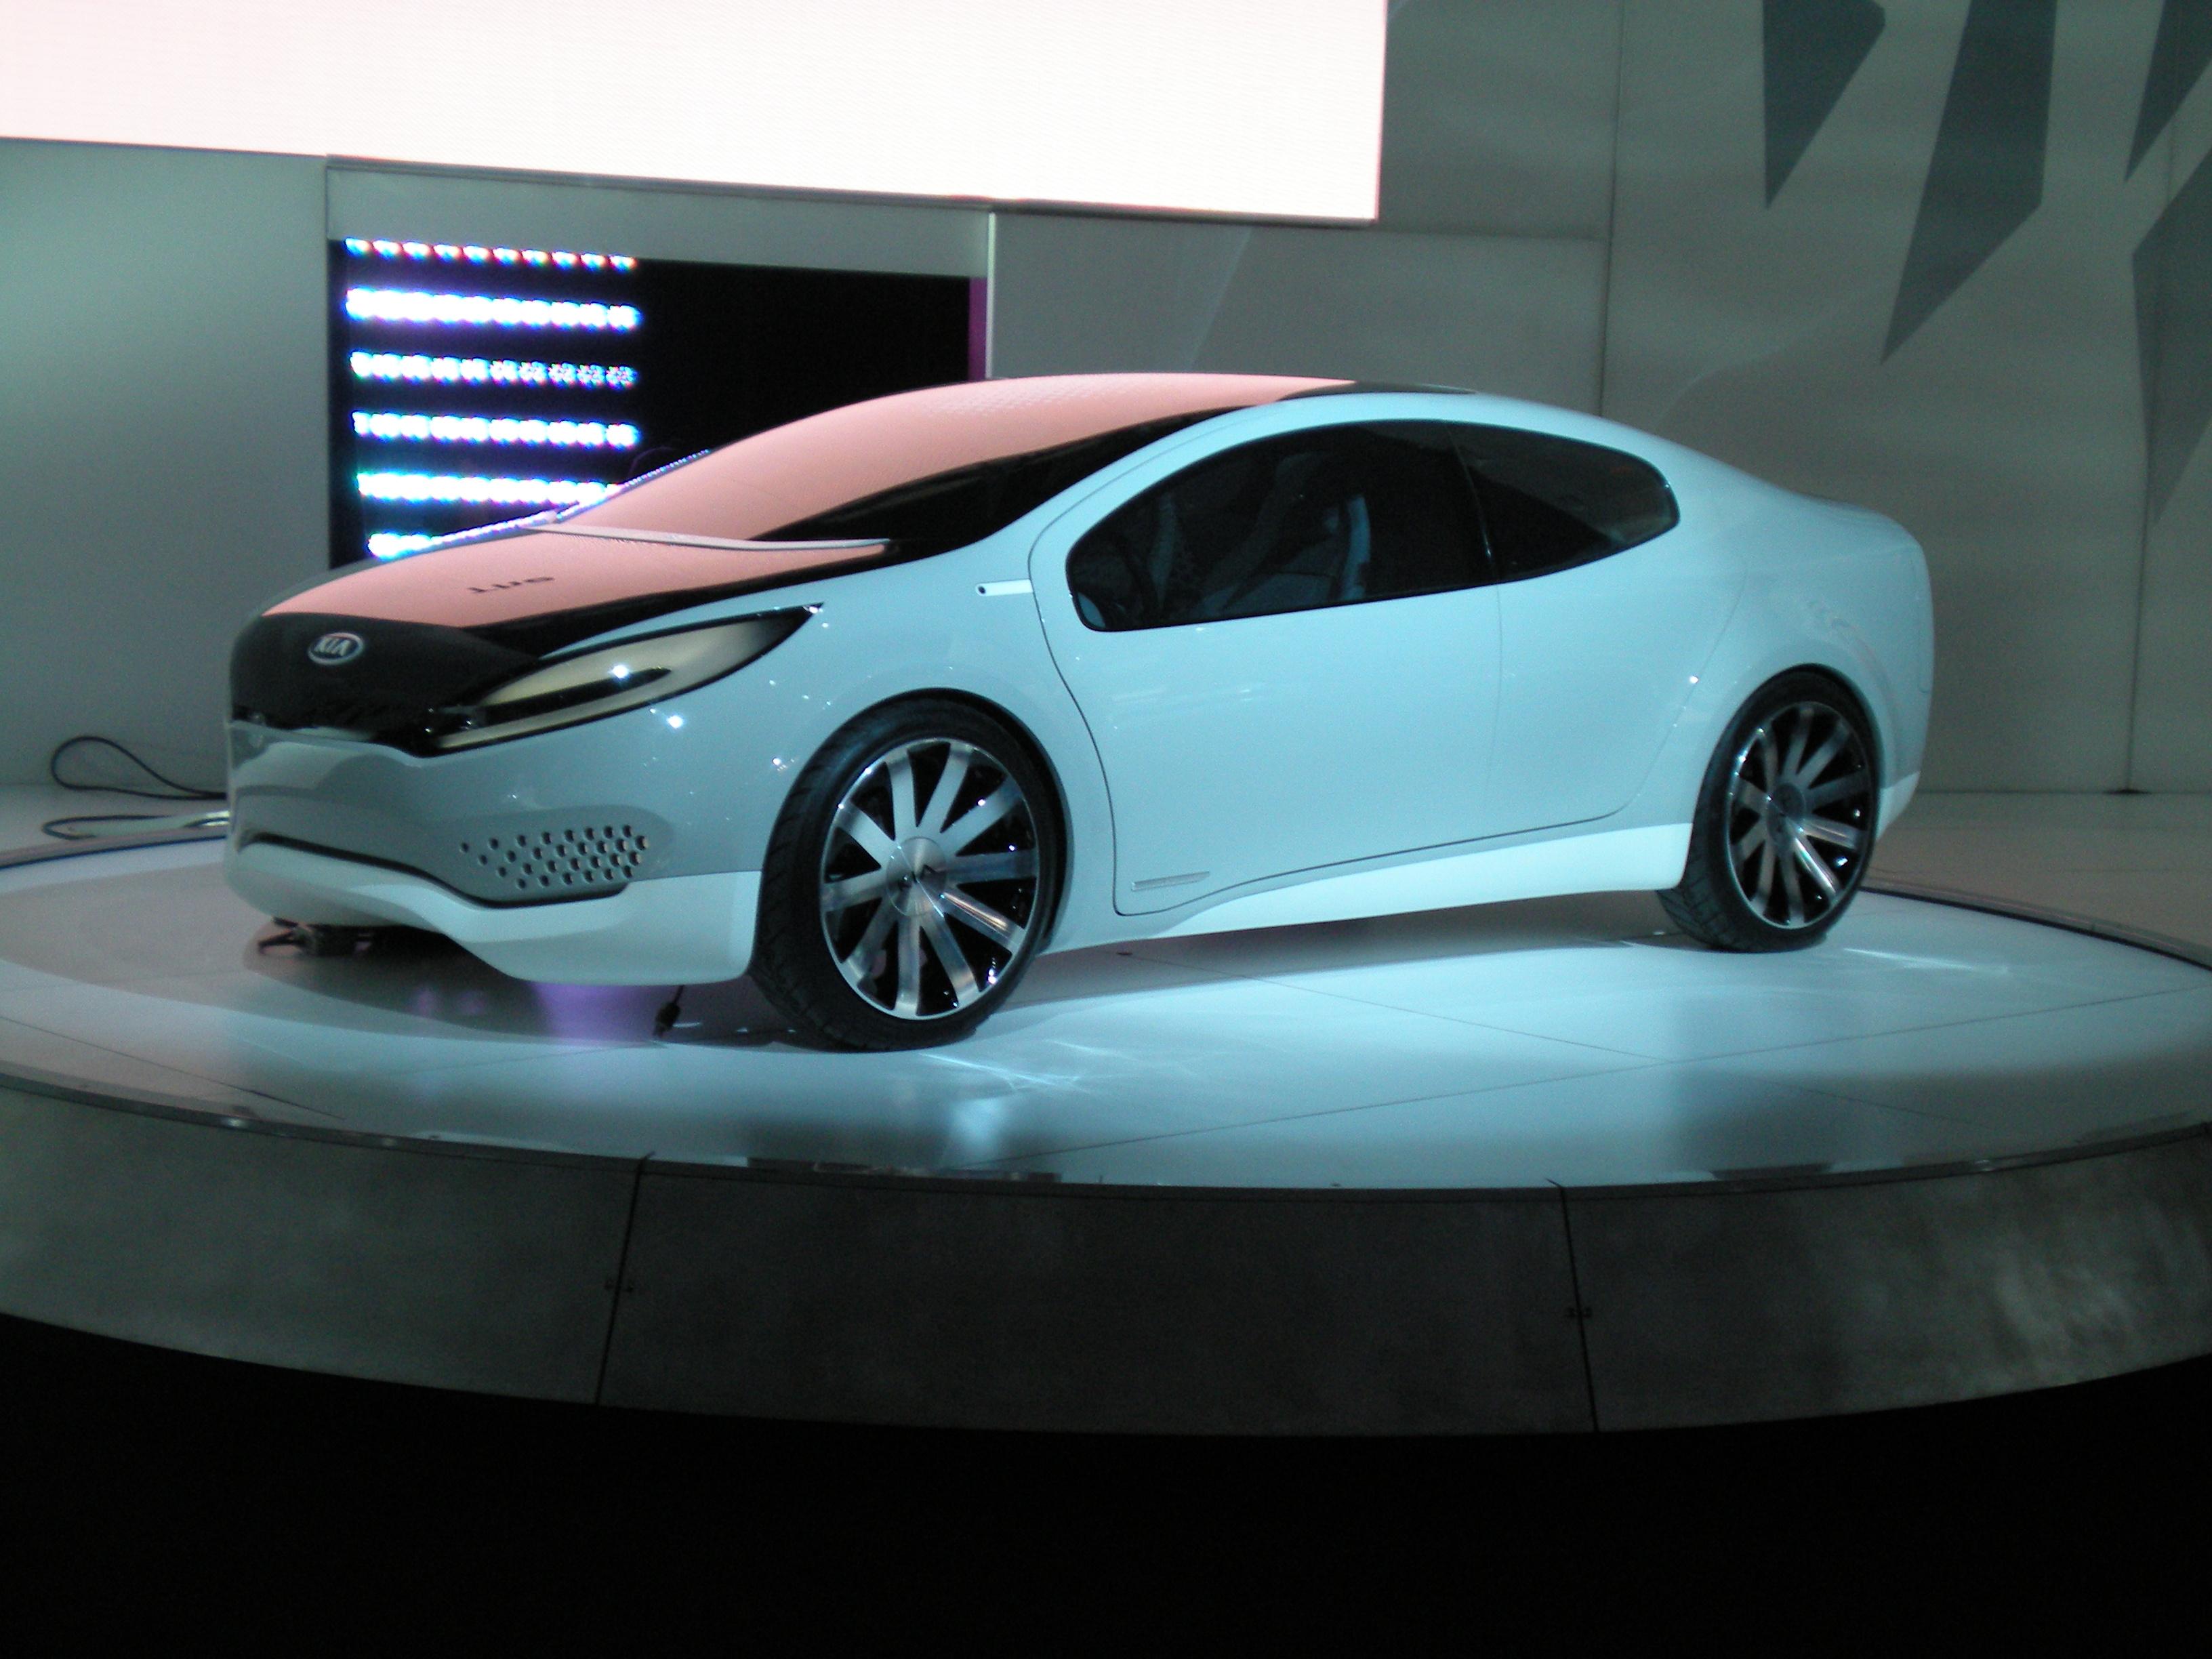 Chicago Auto Show What A Concept SpeedSportLife - Fun car show ideas